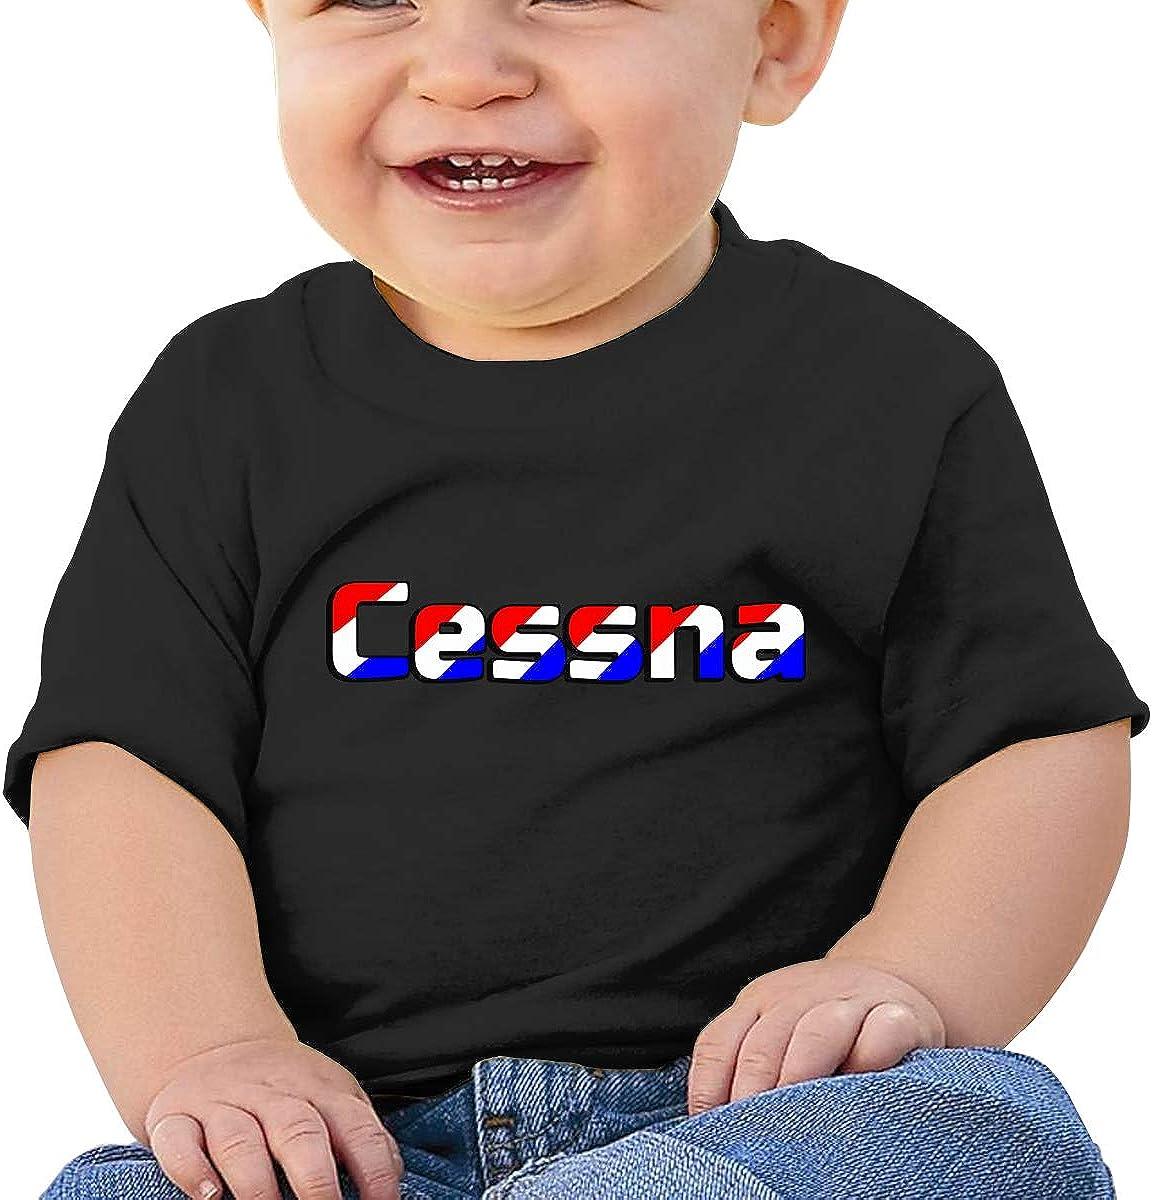 Kangtians Baby Cessna Short Sleeve Shirt Toddler Tee